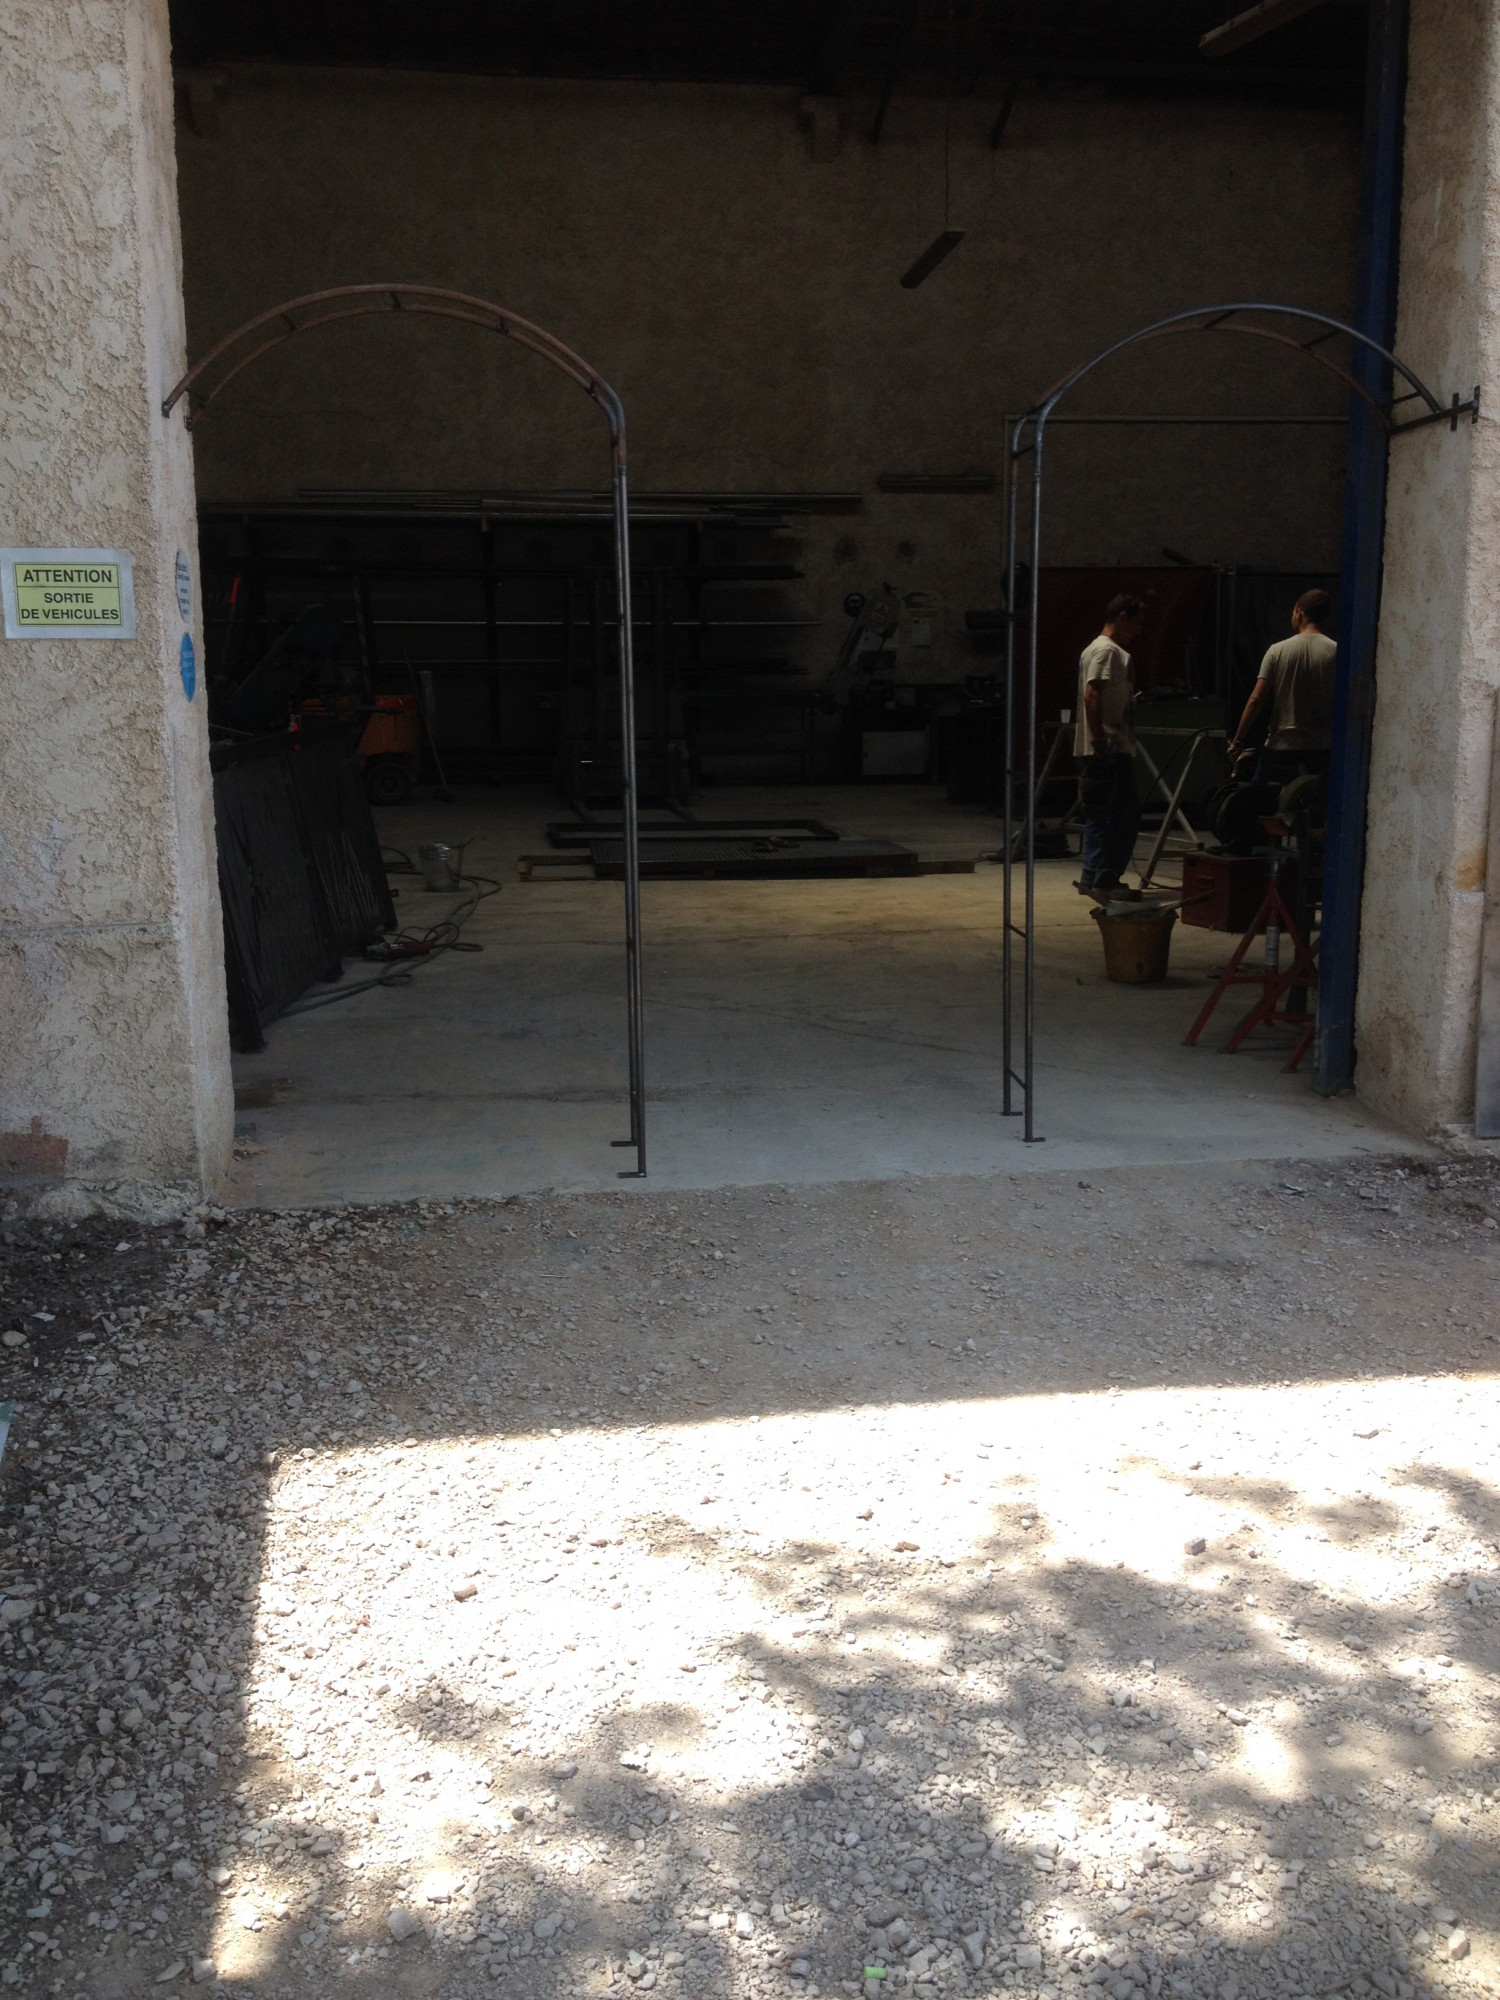 Arche De Jardin En Fer Forge A Martigues Fabrique Sur Mesure ... serapportantà Arche De Jardin En Fer Forgé